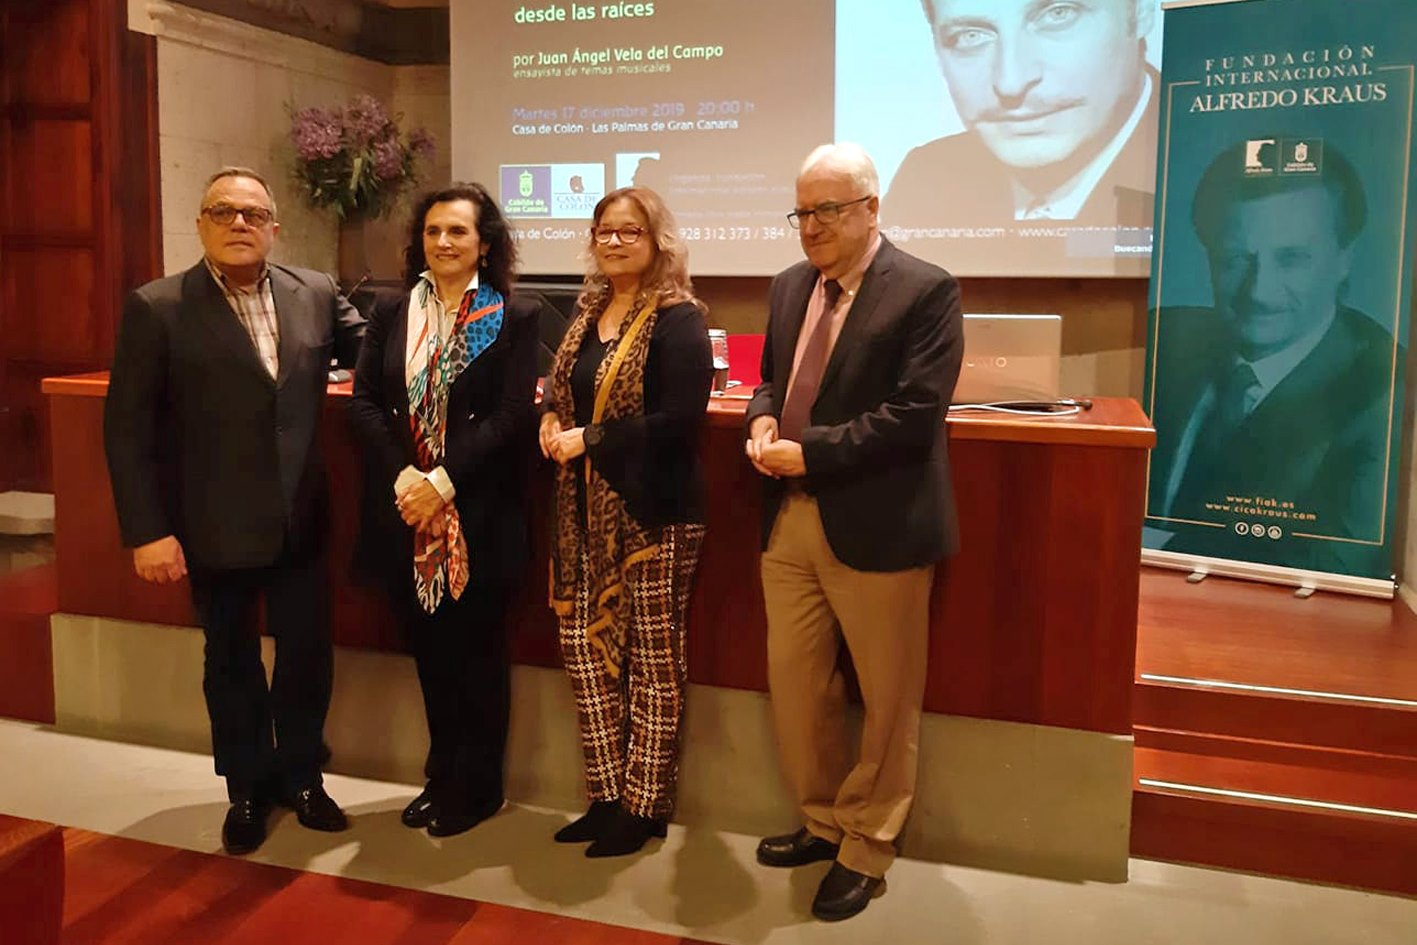 La conferencia del ensayista Juan Ángel Vela del Campo culmina las actividades de la FIAK conmemorativas del 20 aniversario del fallecimiento del maestro